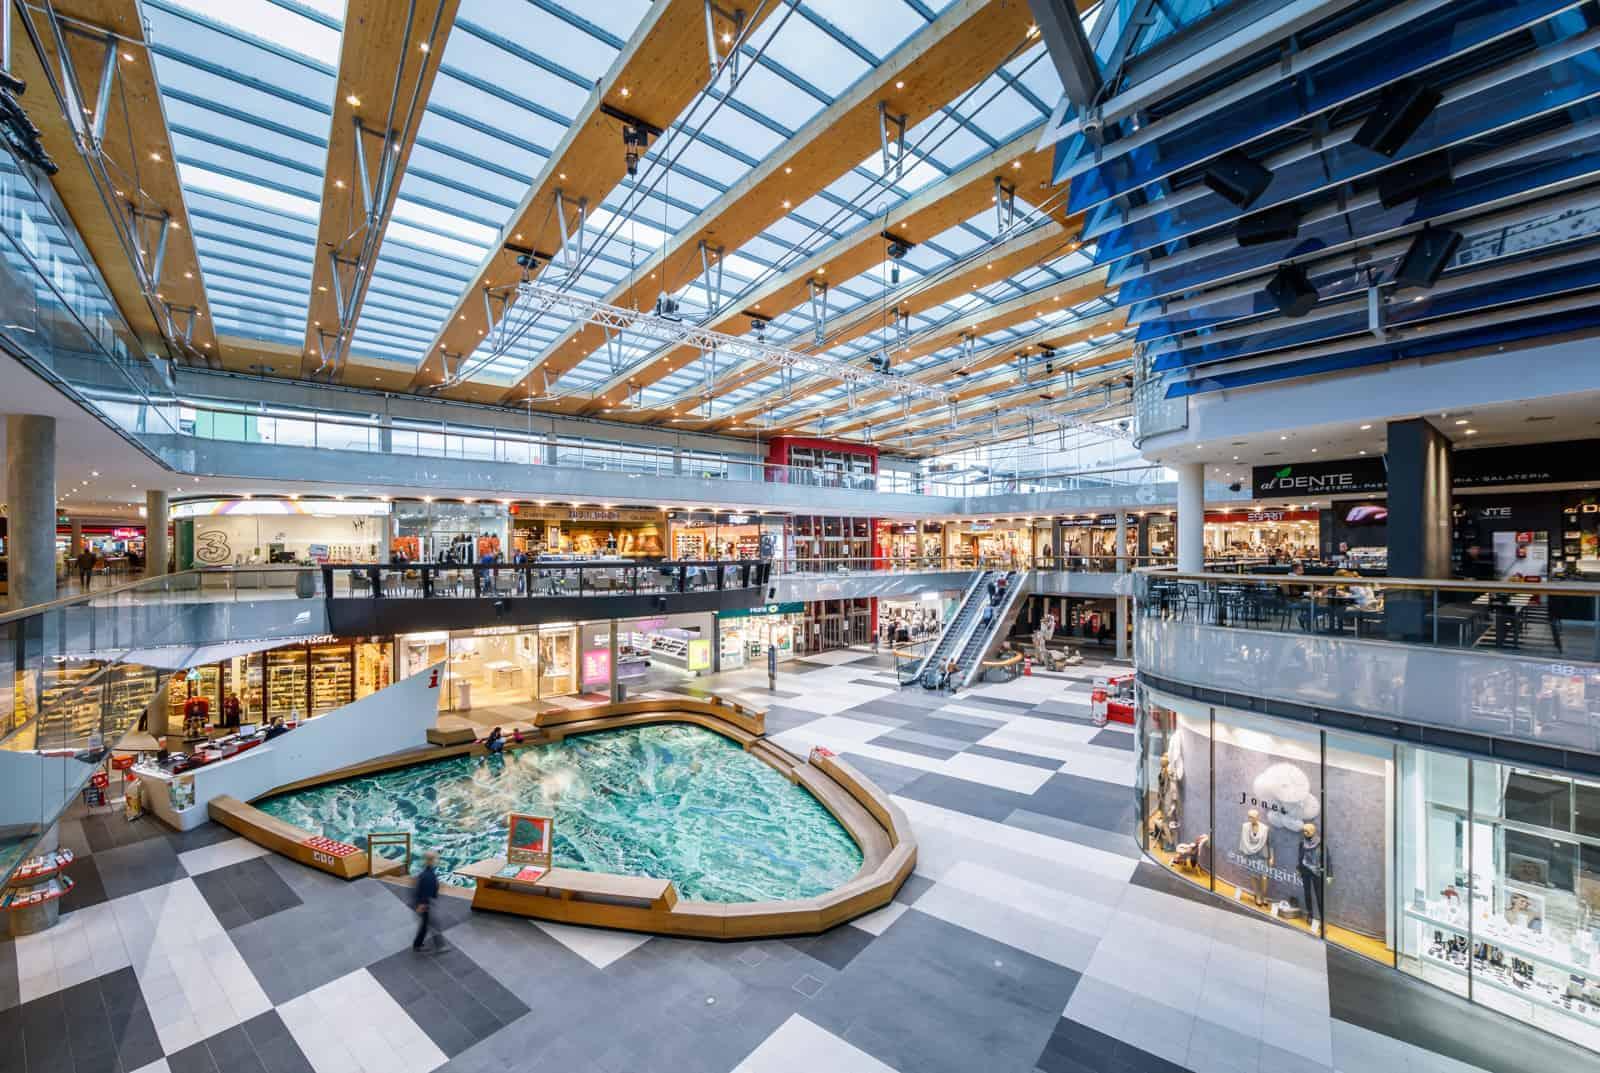 Atrio Villach Einkaufszentrum und Ausflugsziel